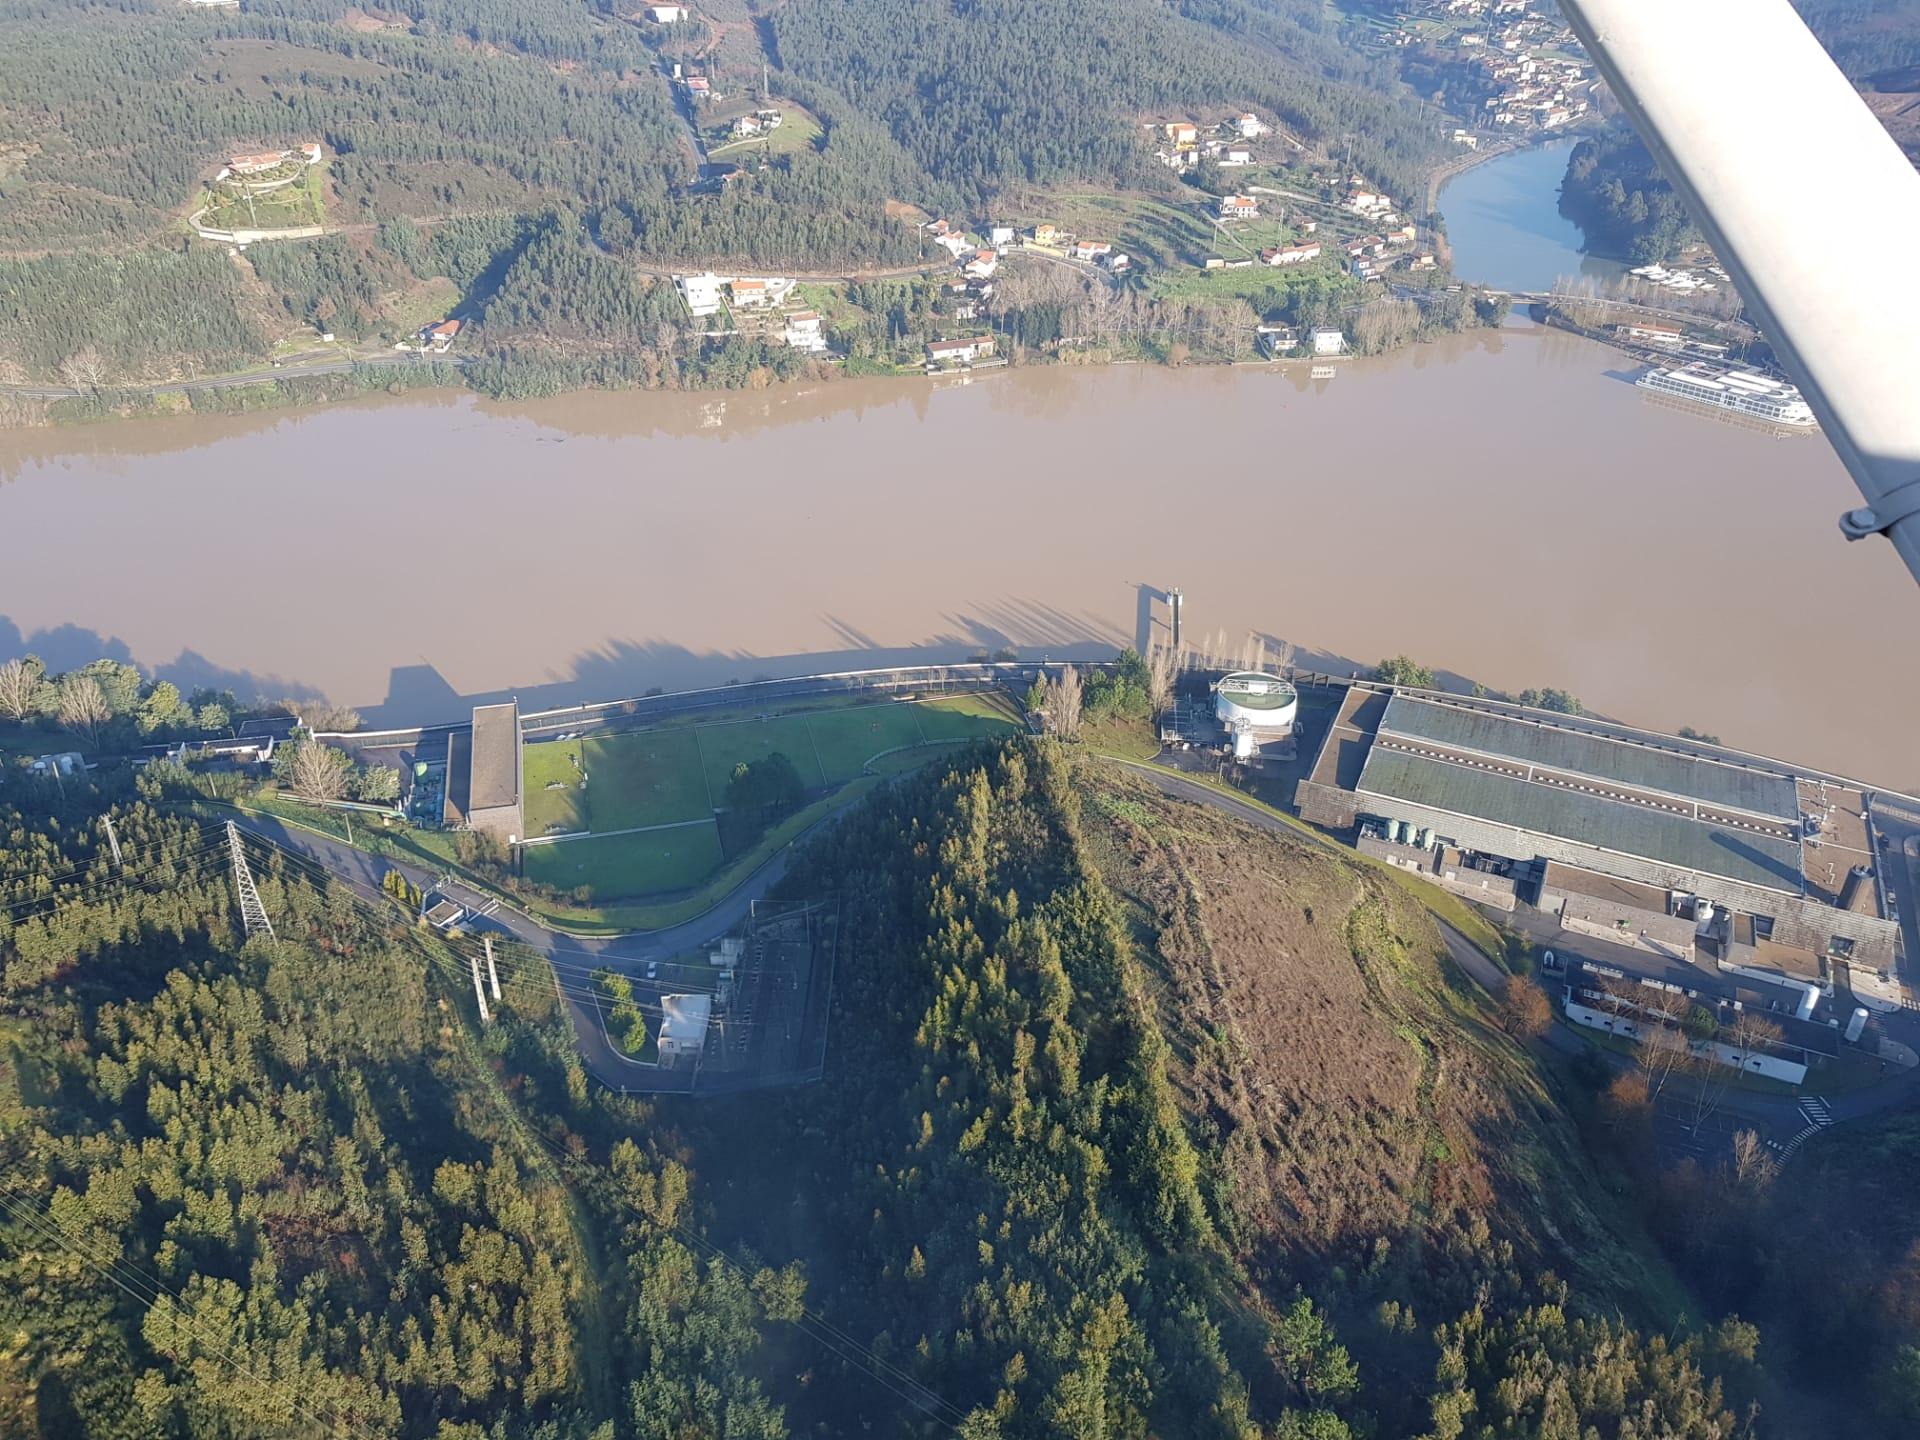 LM-Arquivo-Douro-Paiva-Foto-Aerea-ETA-Lever-087